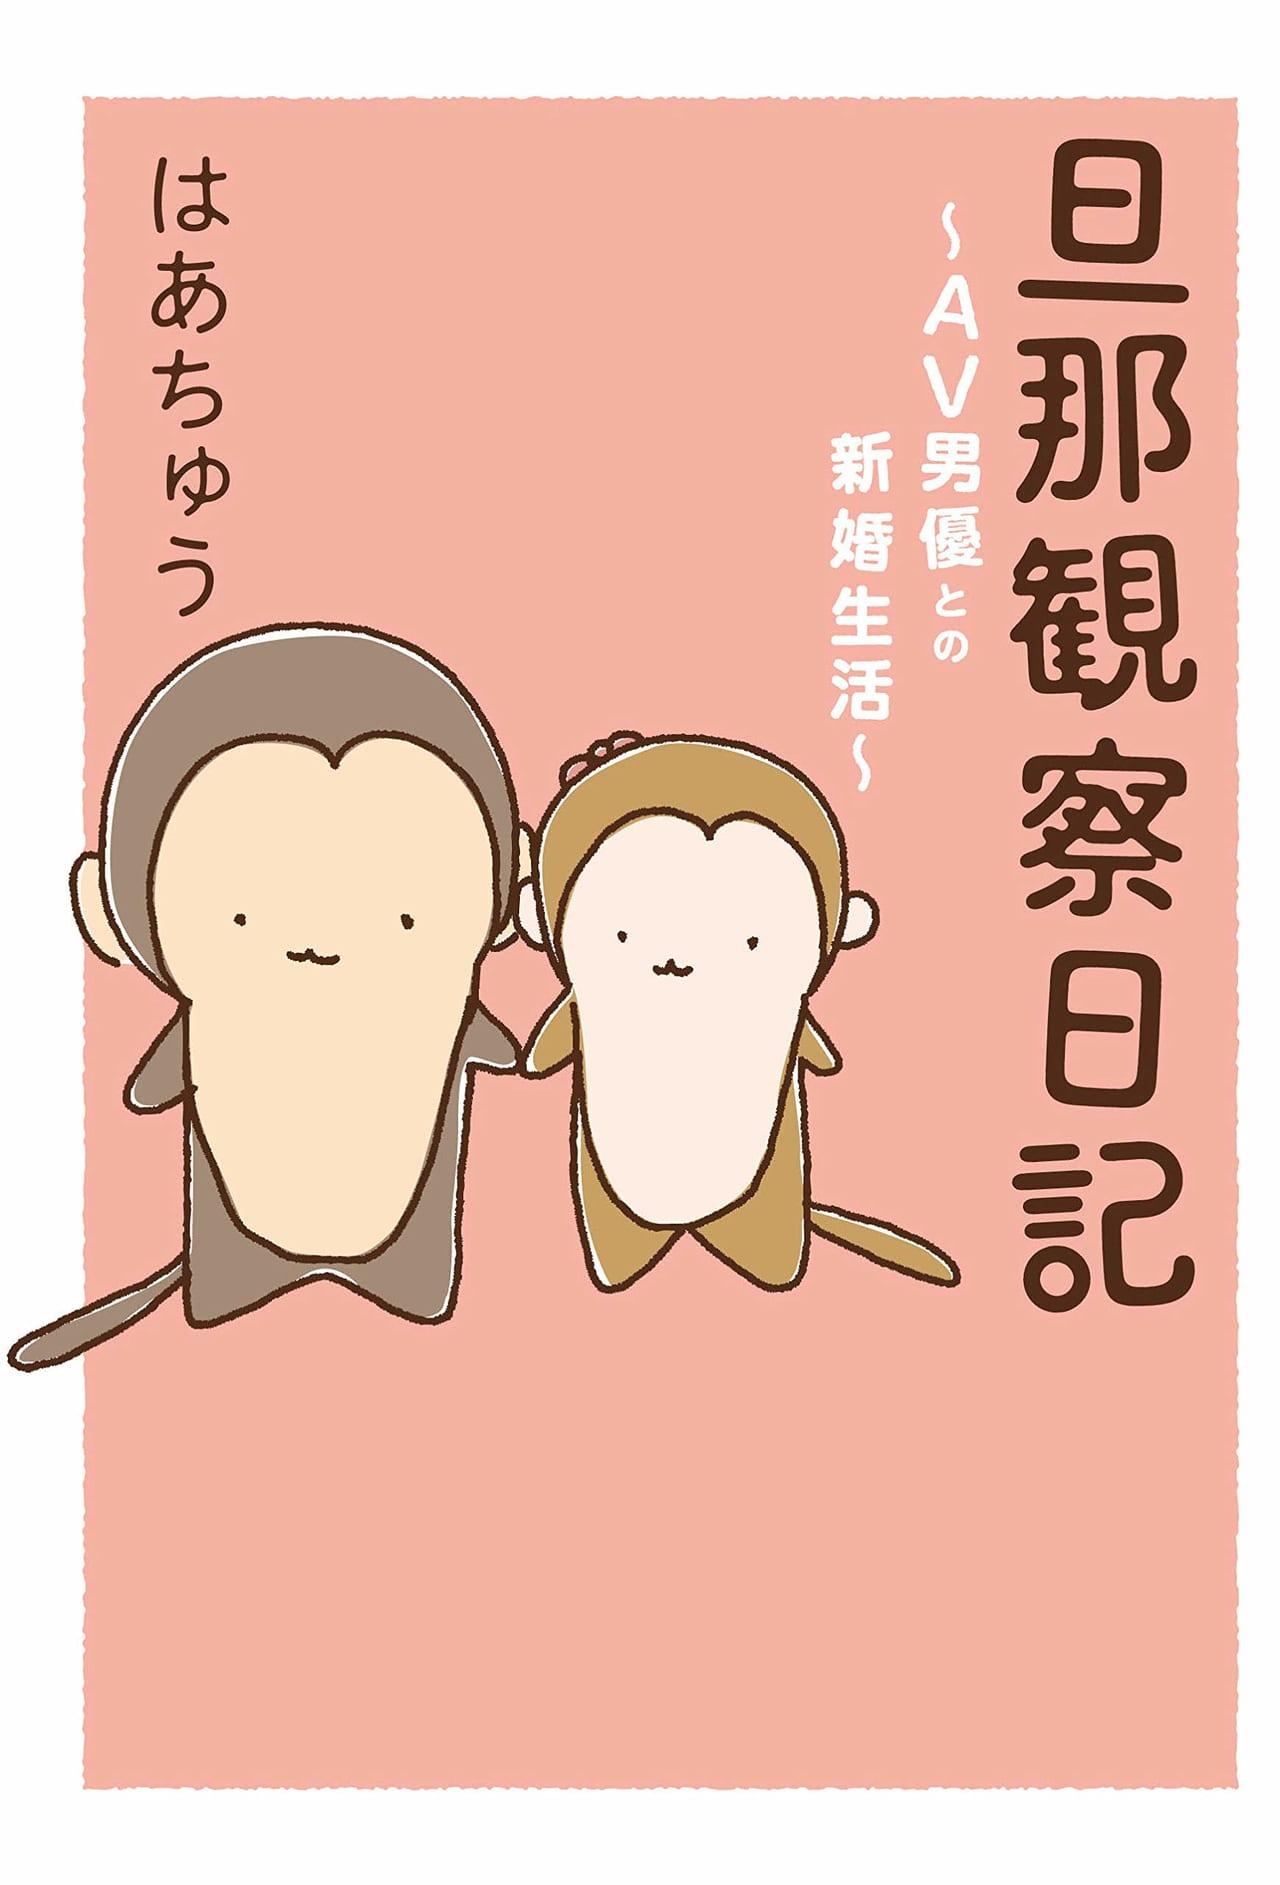 画像は『旦那観察日記~AV男優との新婚生活~』より